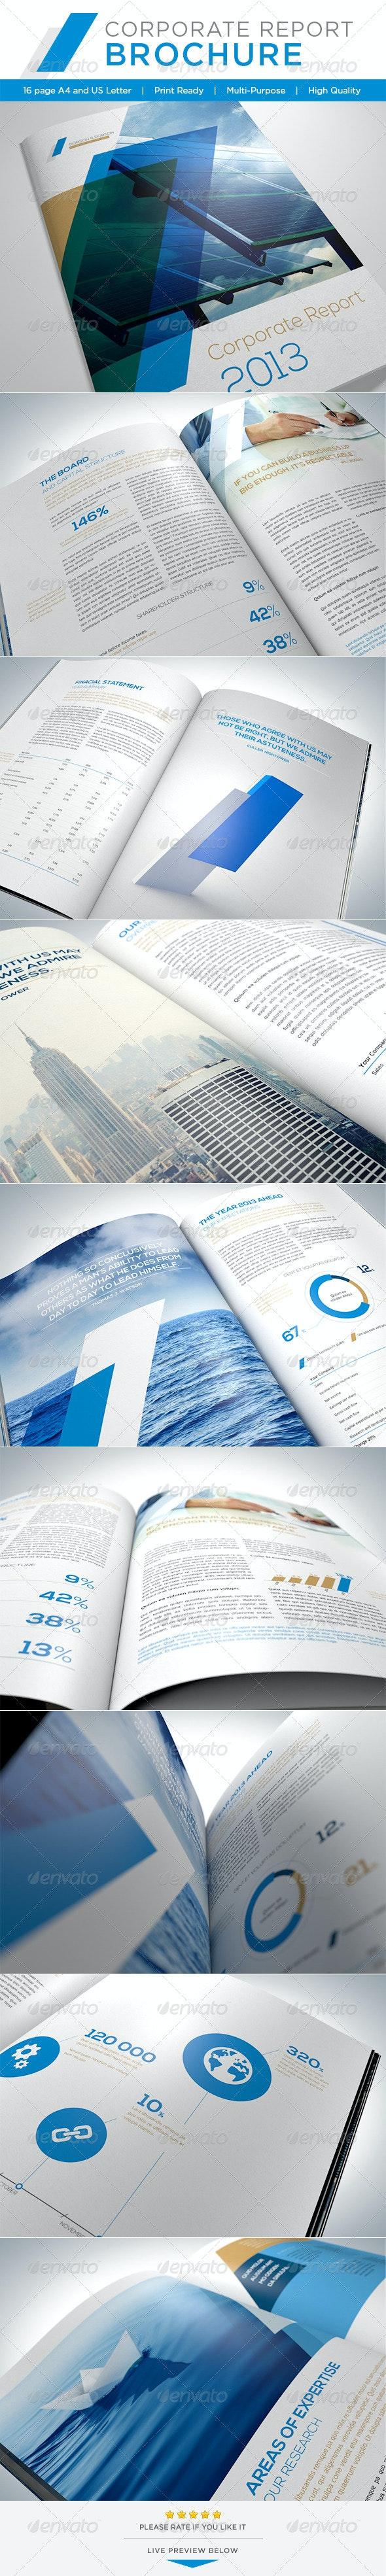 Corporate Report Brochure - Brochures Print Templates